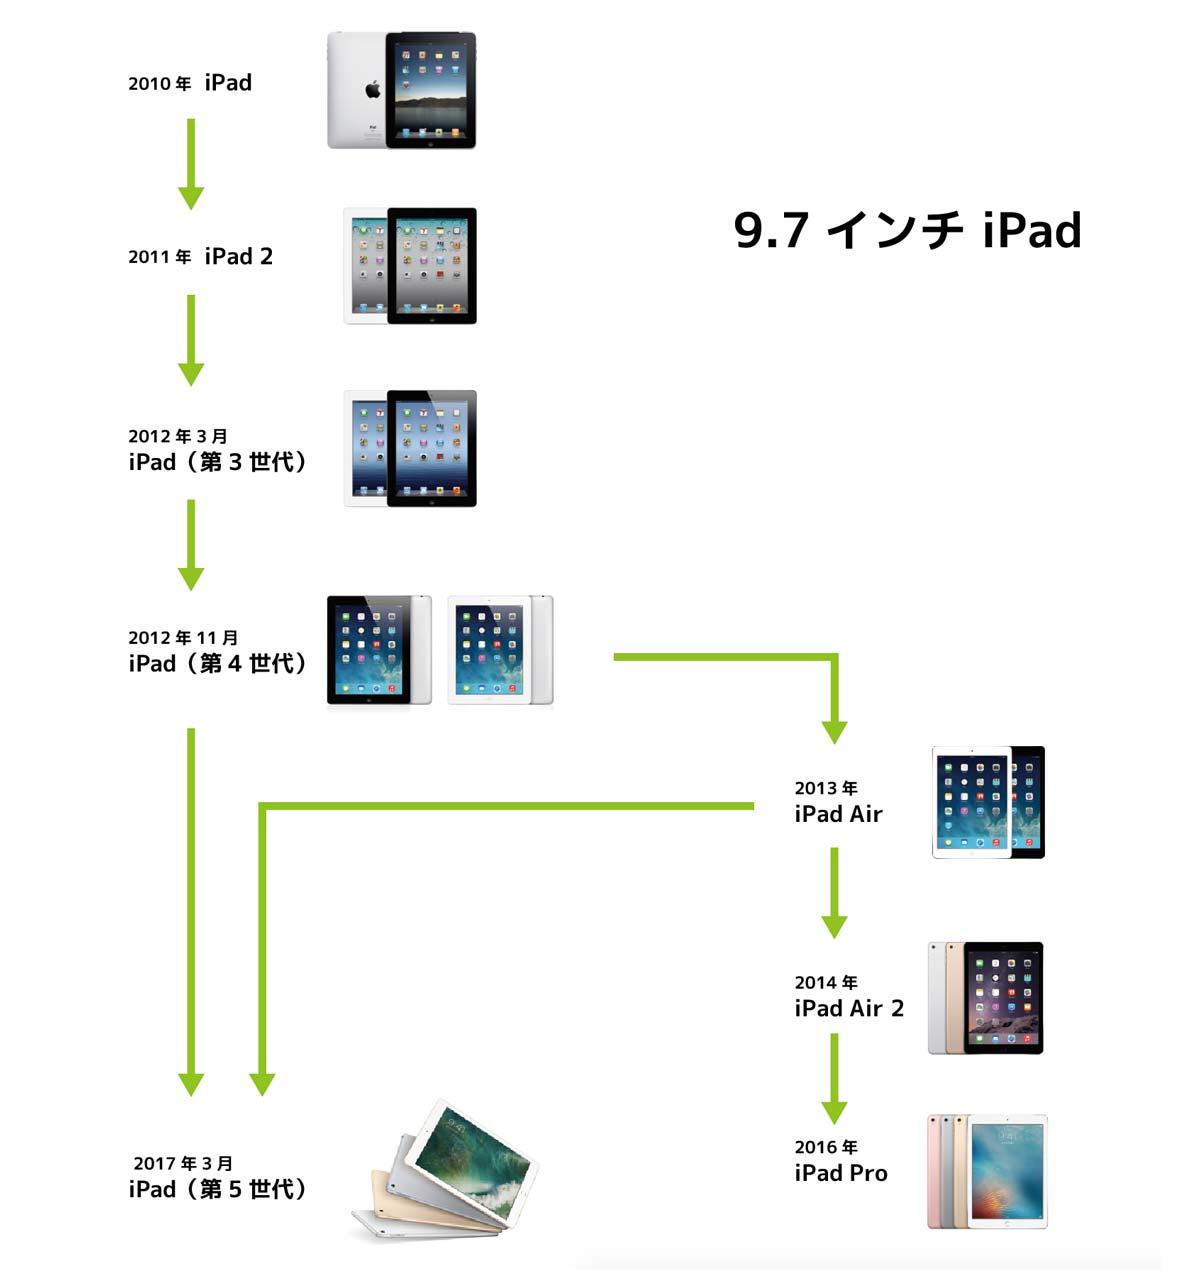 9.7インチiPad 系譜